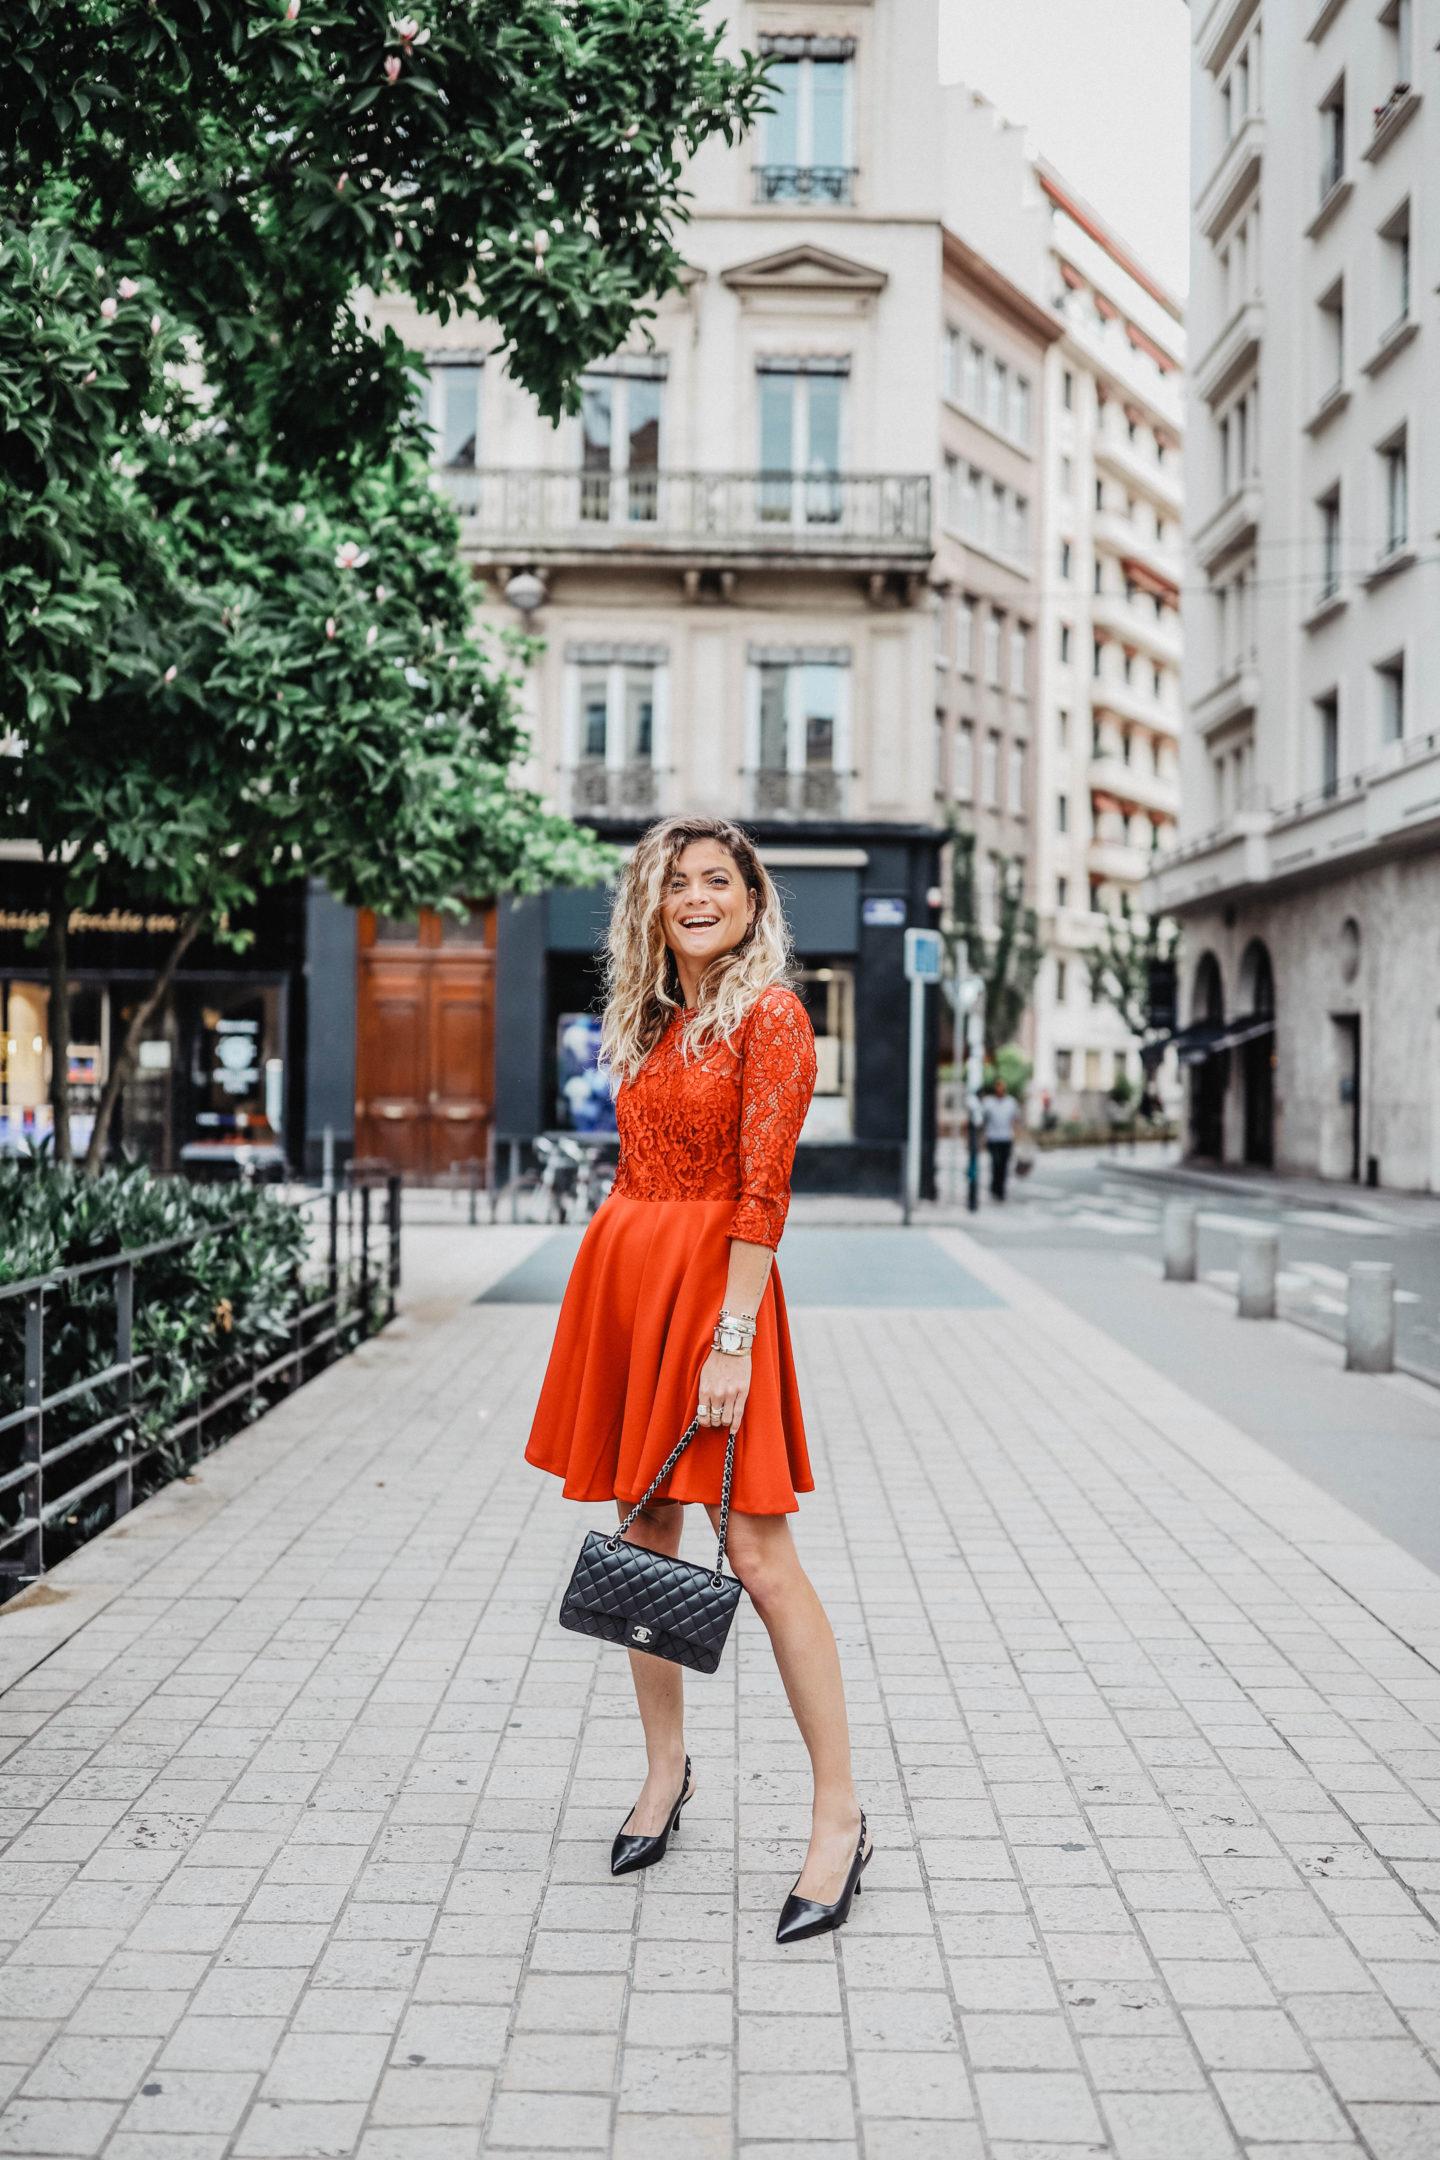 Sac Chanel marie and mood blog